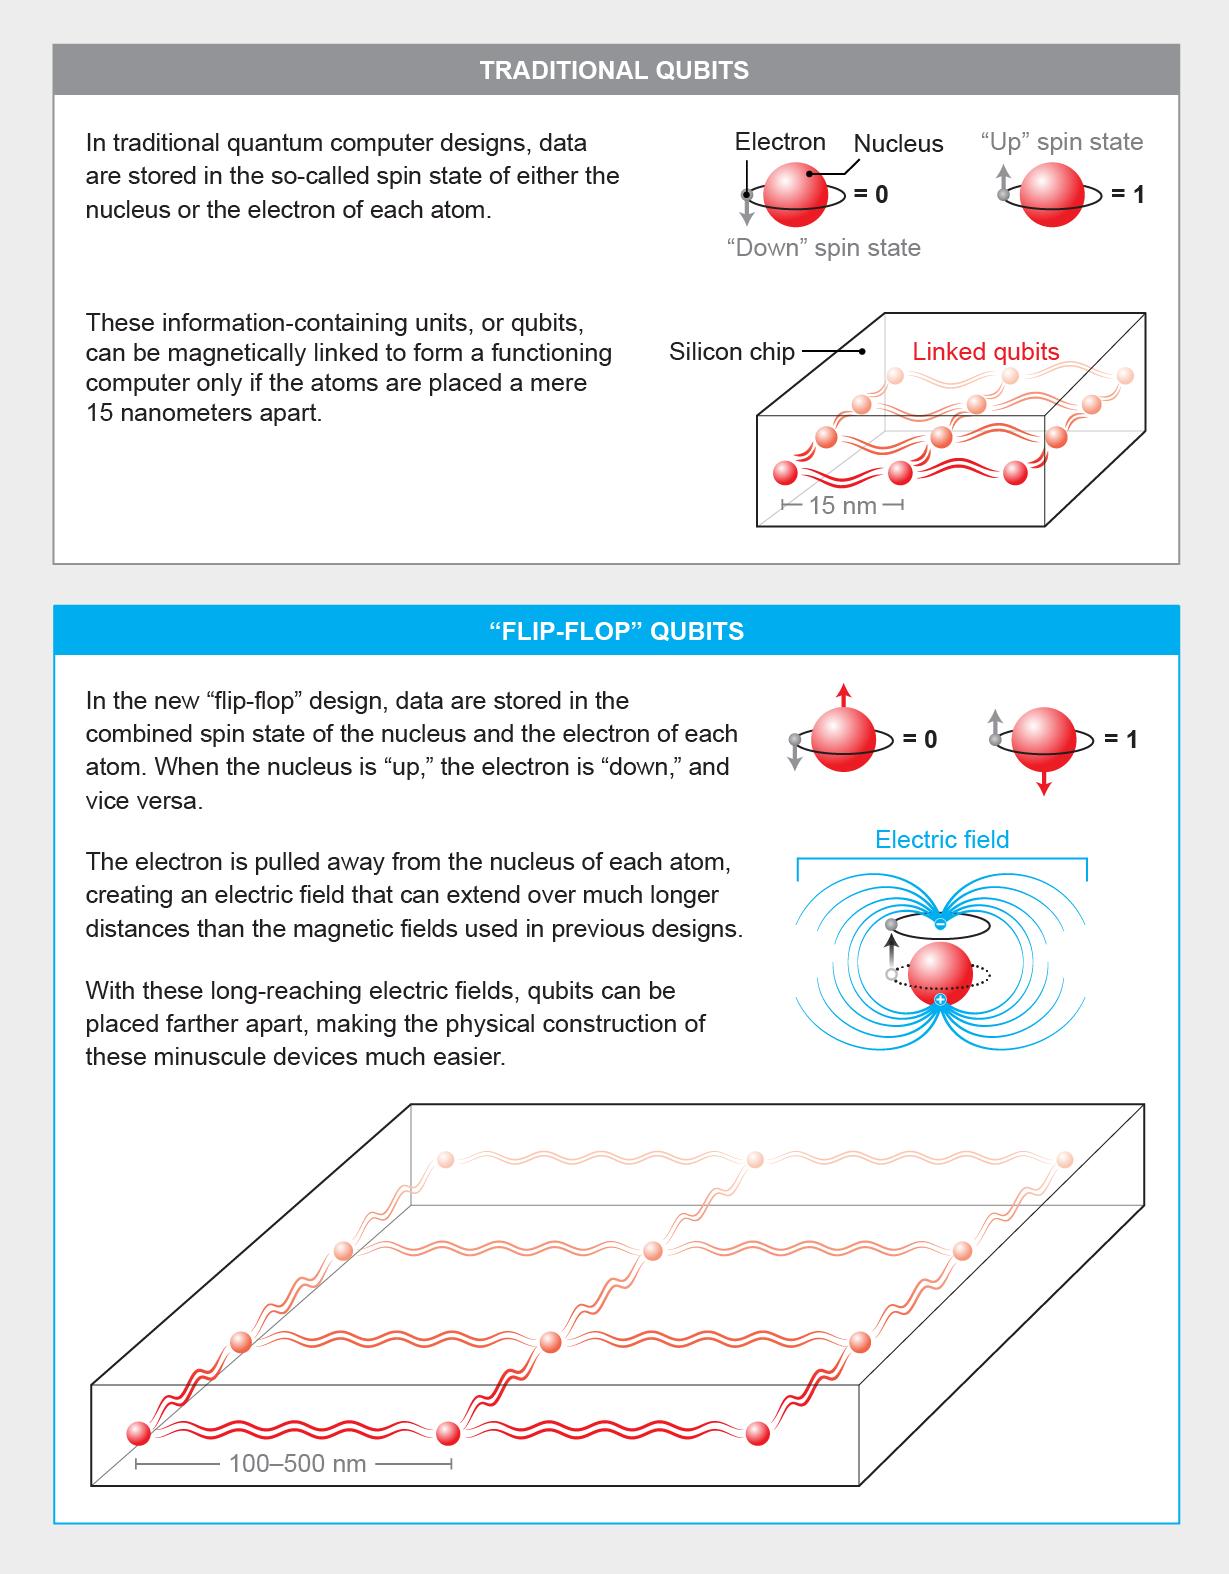 Quantum Leaps in Quantum Computing? - Scientific American